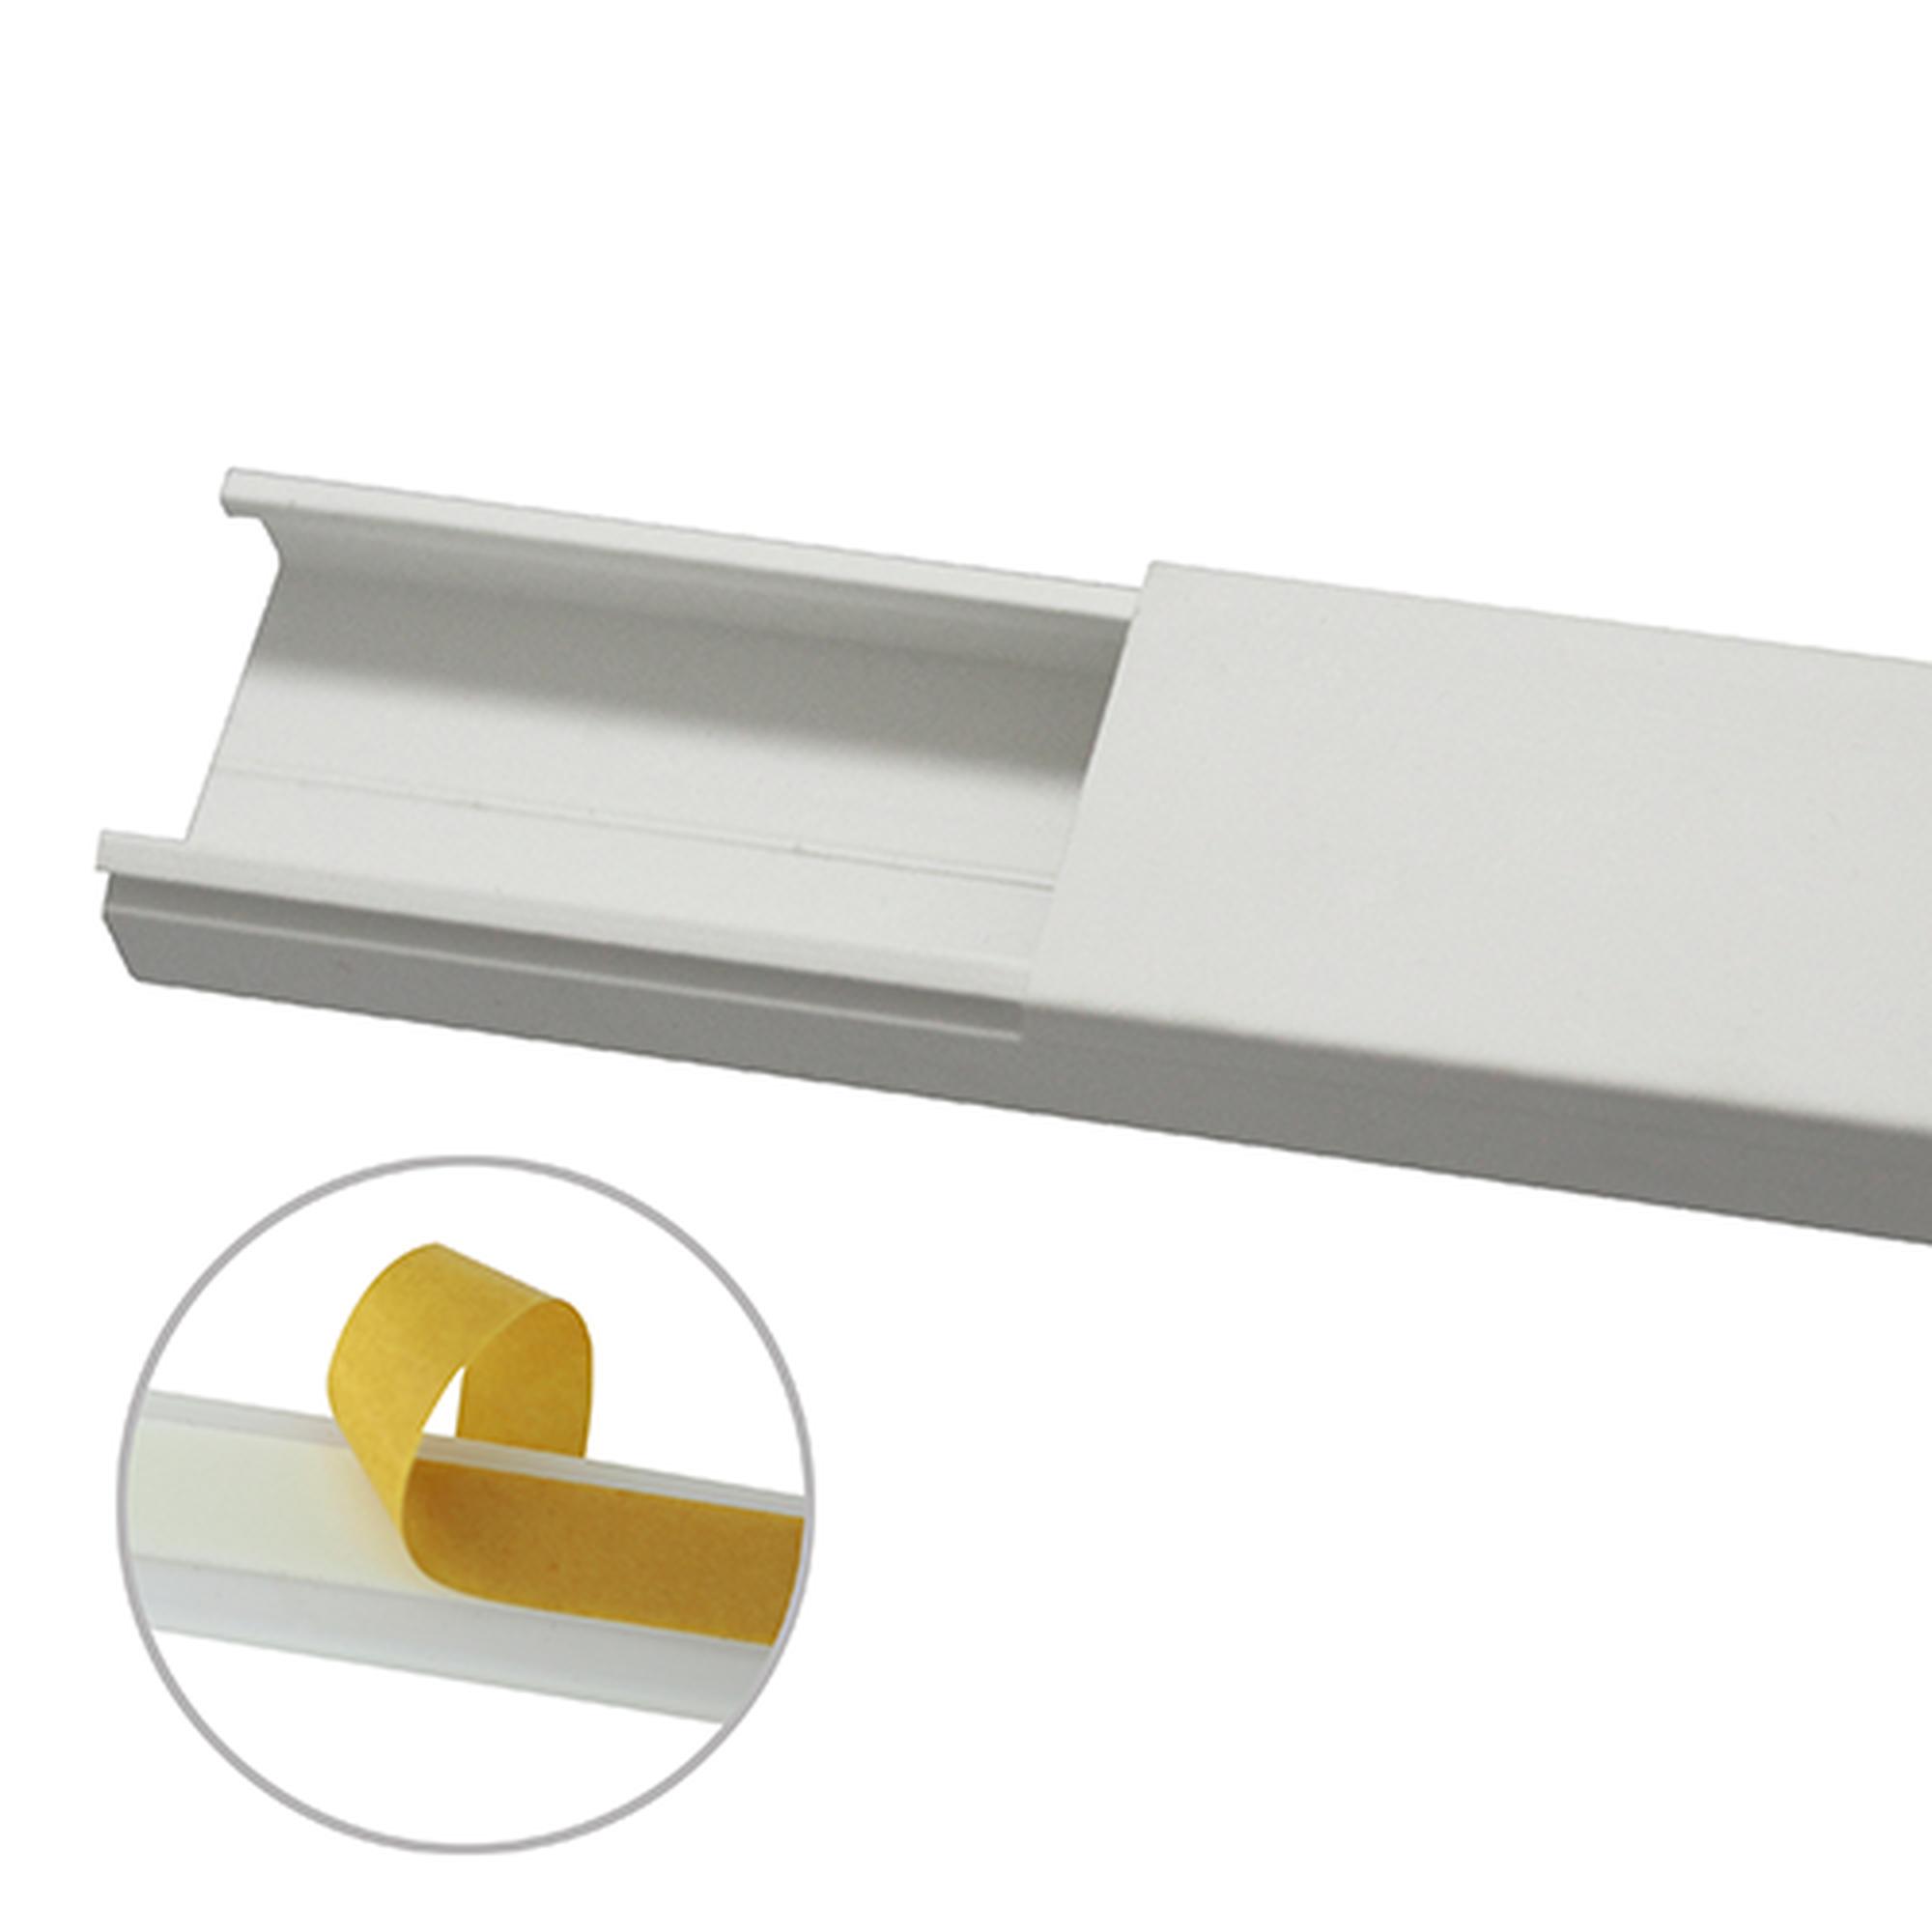 Canaleta en color blanco sin división, 35 x 17 mm tramo 6 pies, con cinta adhesiva (5301-21262)